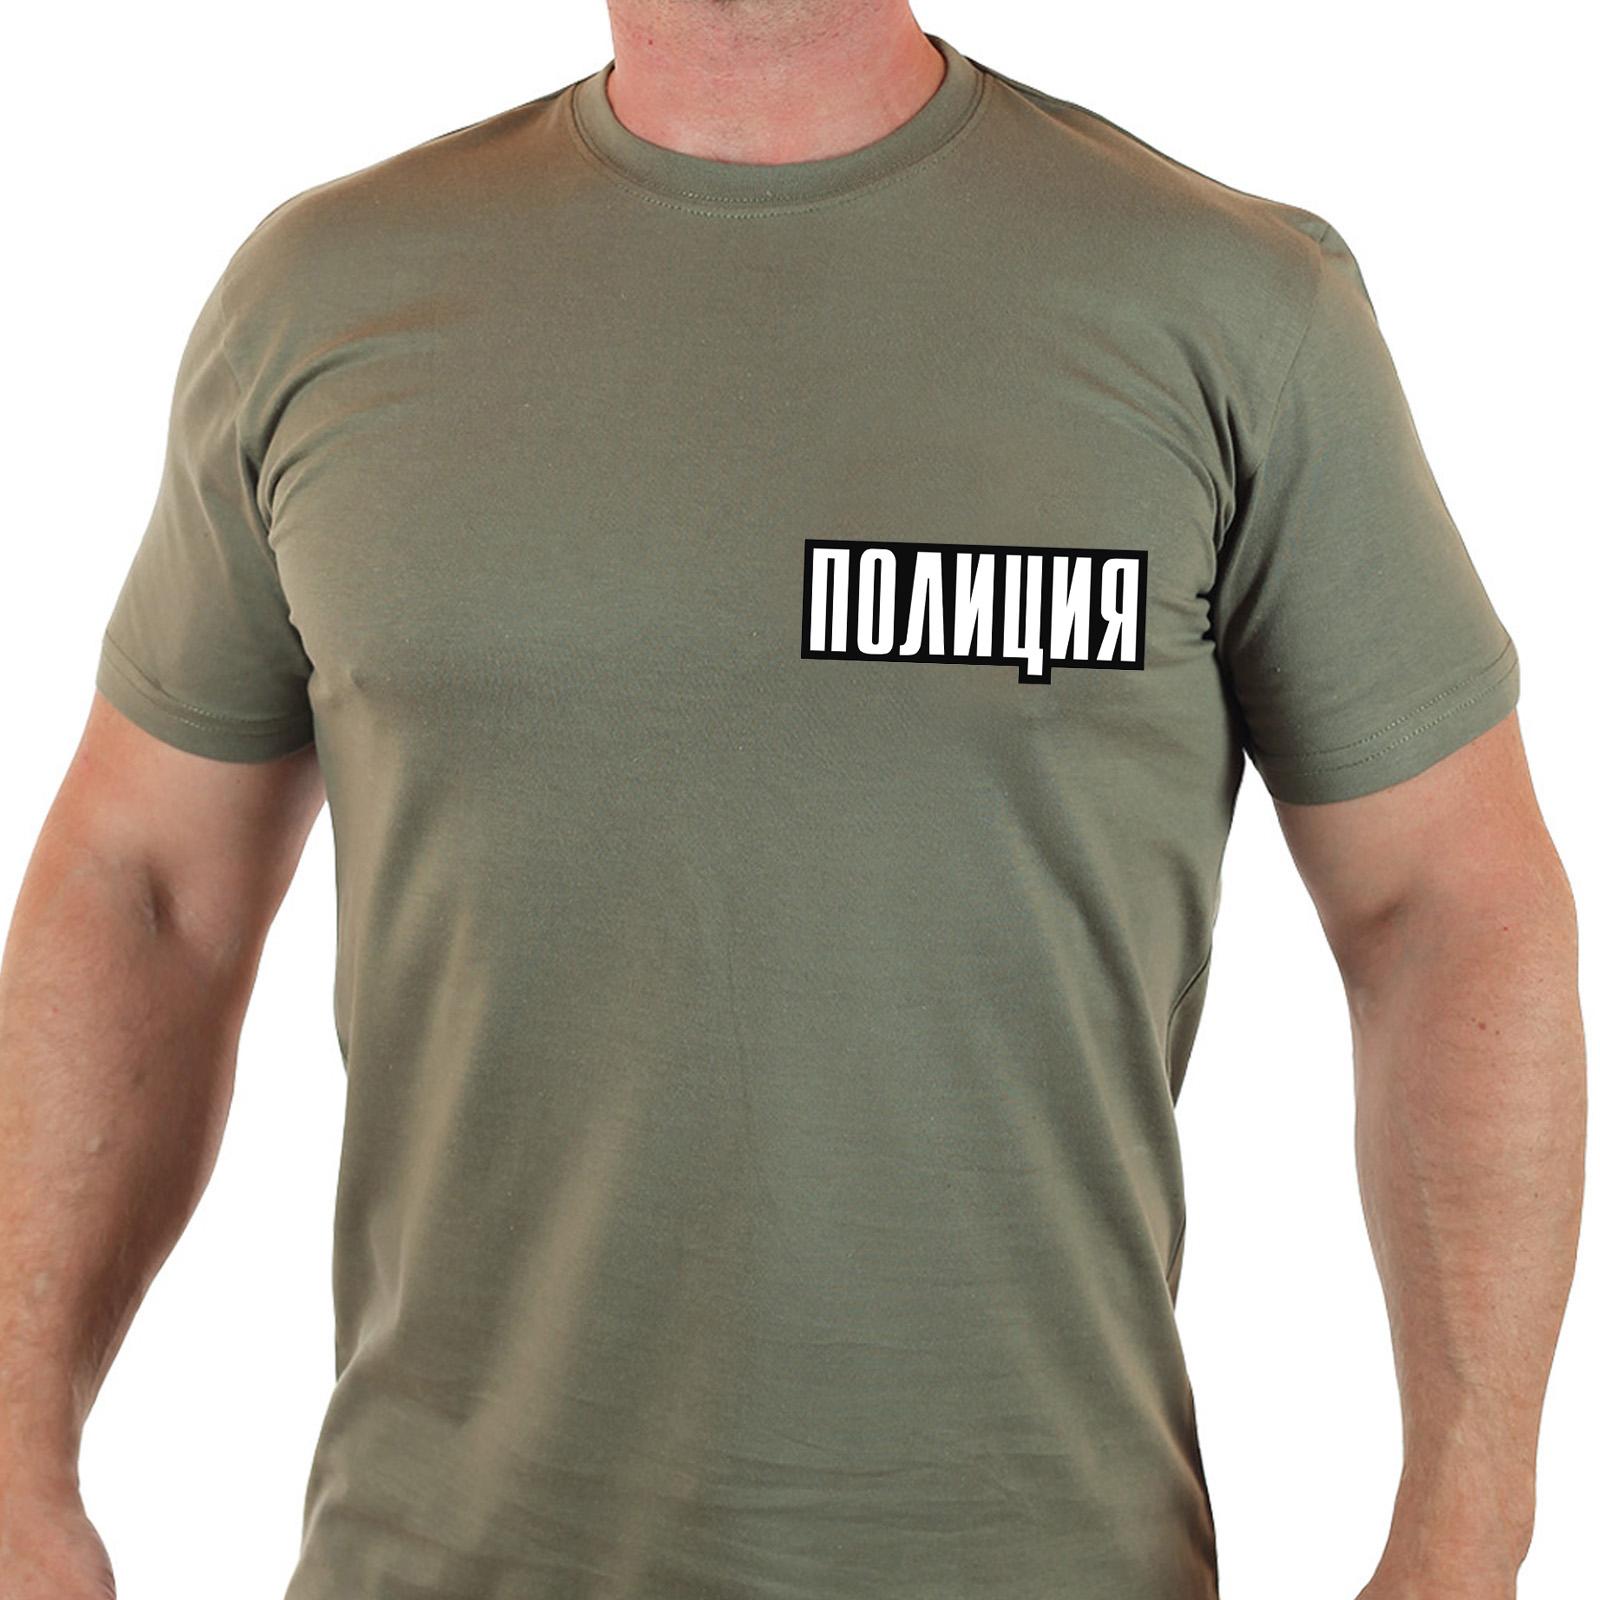 """Крутая футболка хаки с надписью """"Полиция"""""""